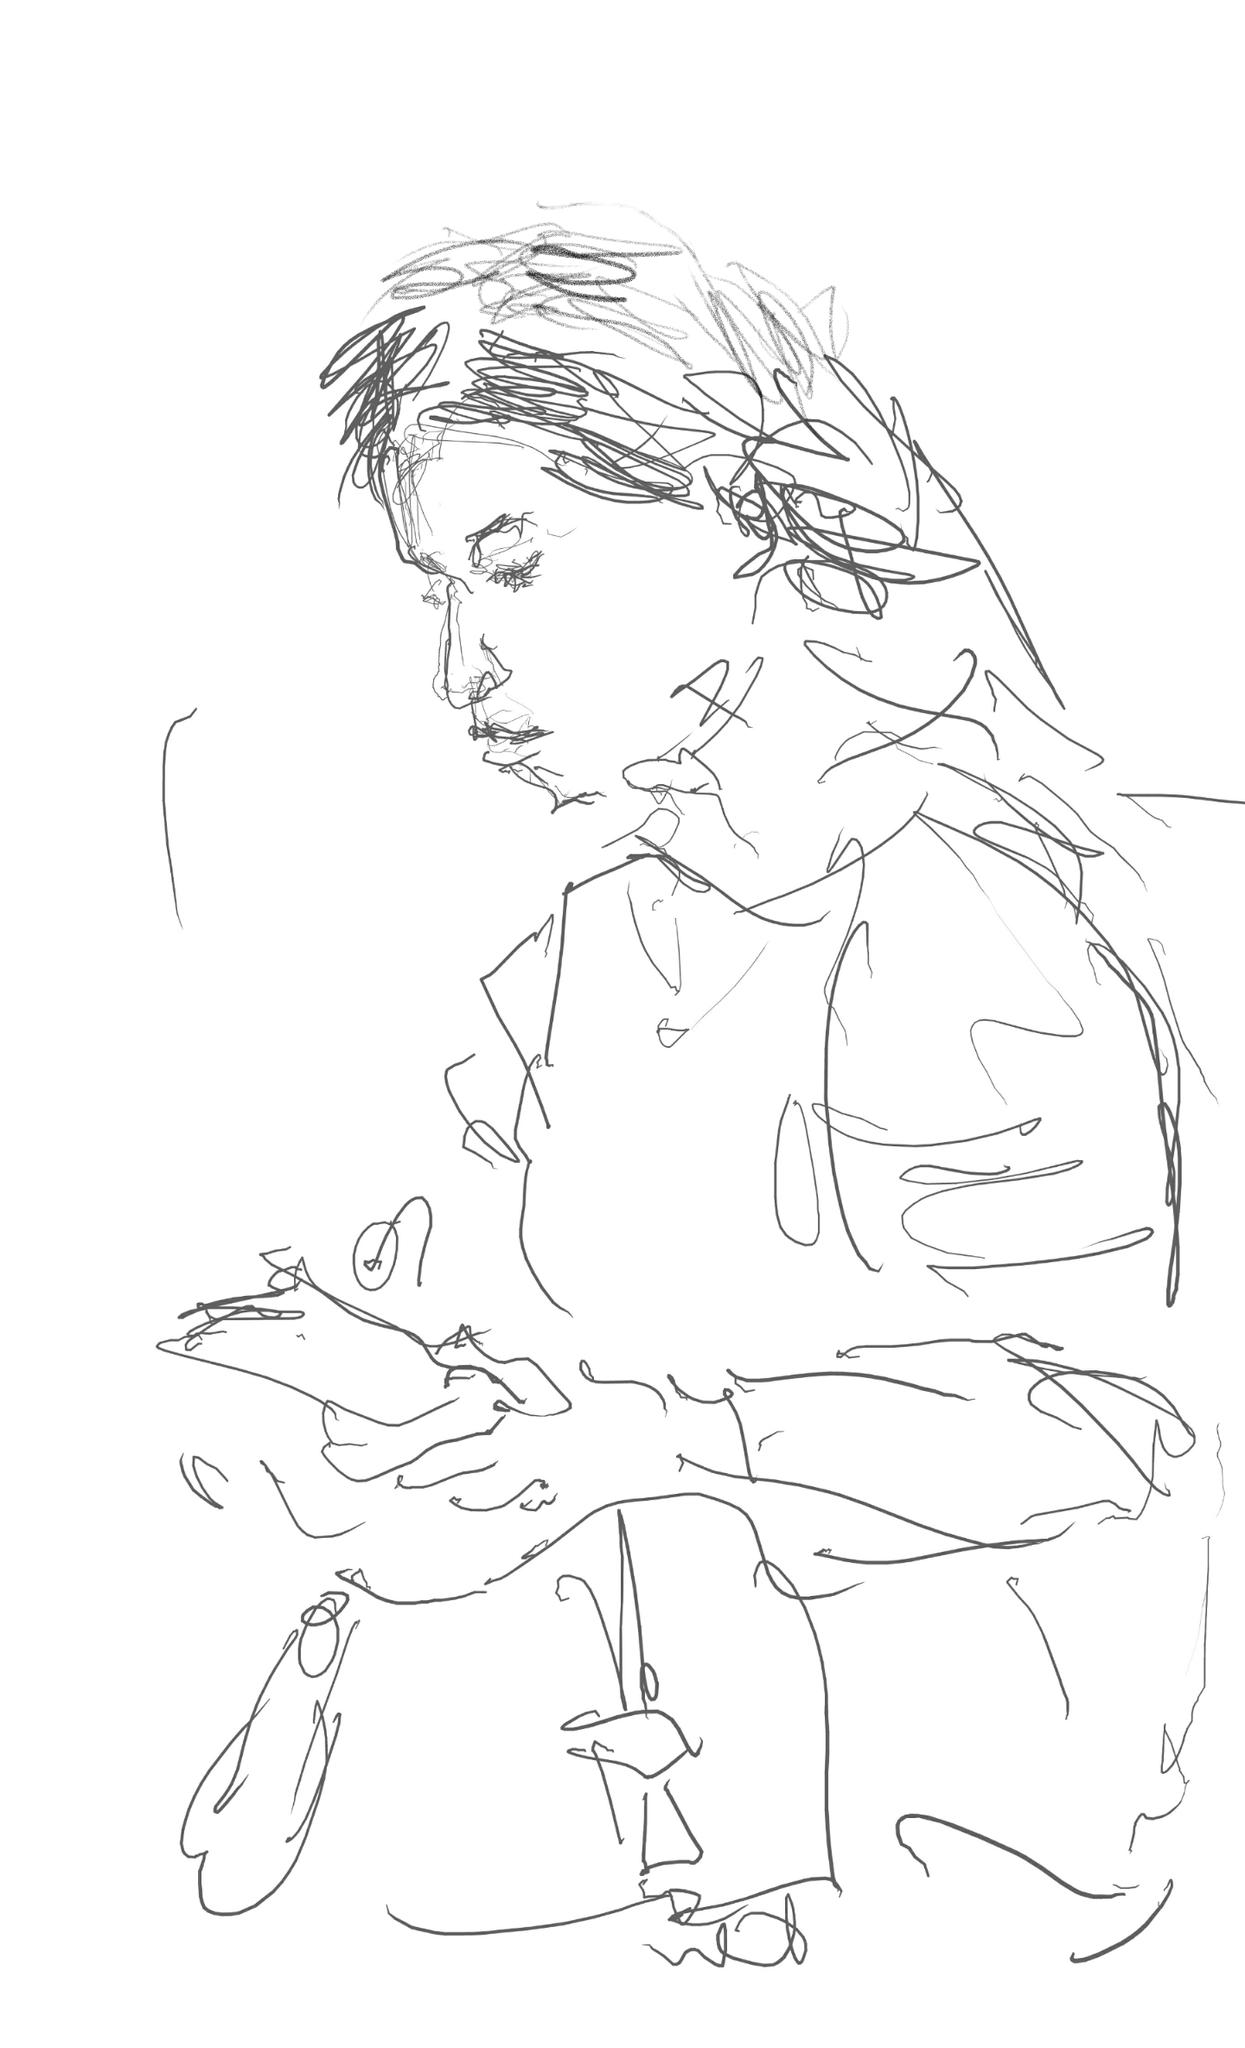 Frau im Zug, Sceernzeichnung, 2019